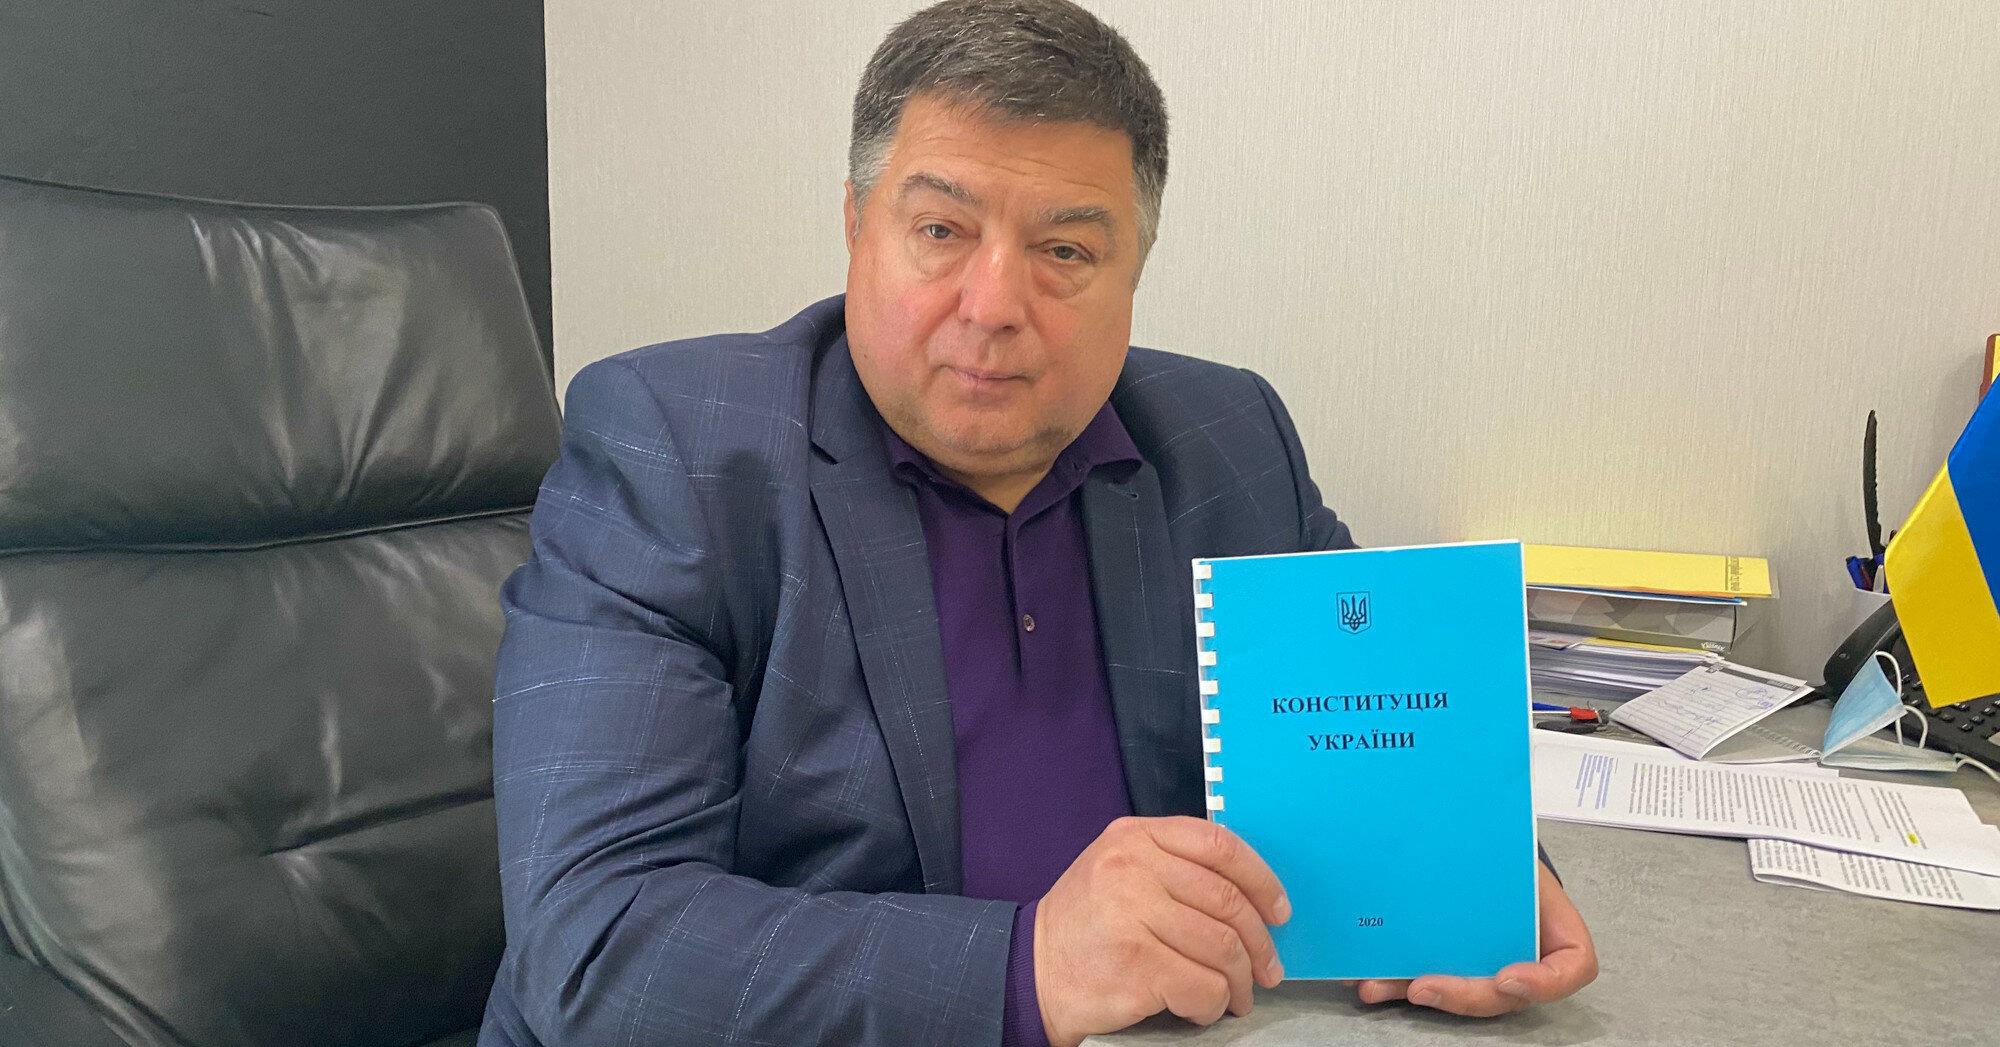 Тупицкий подал иск против КС из-за невыплаты ему 900 тыс